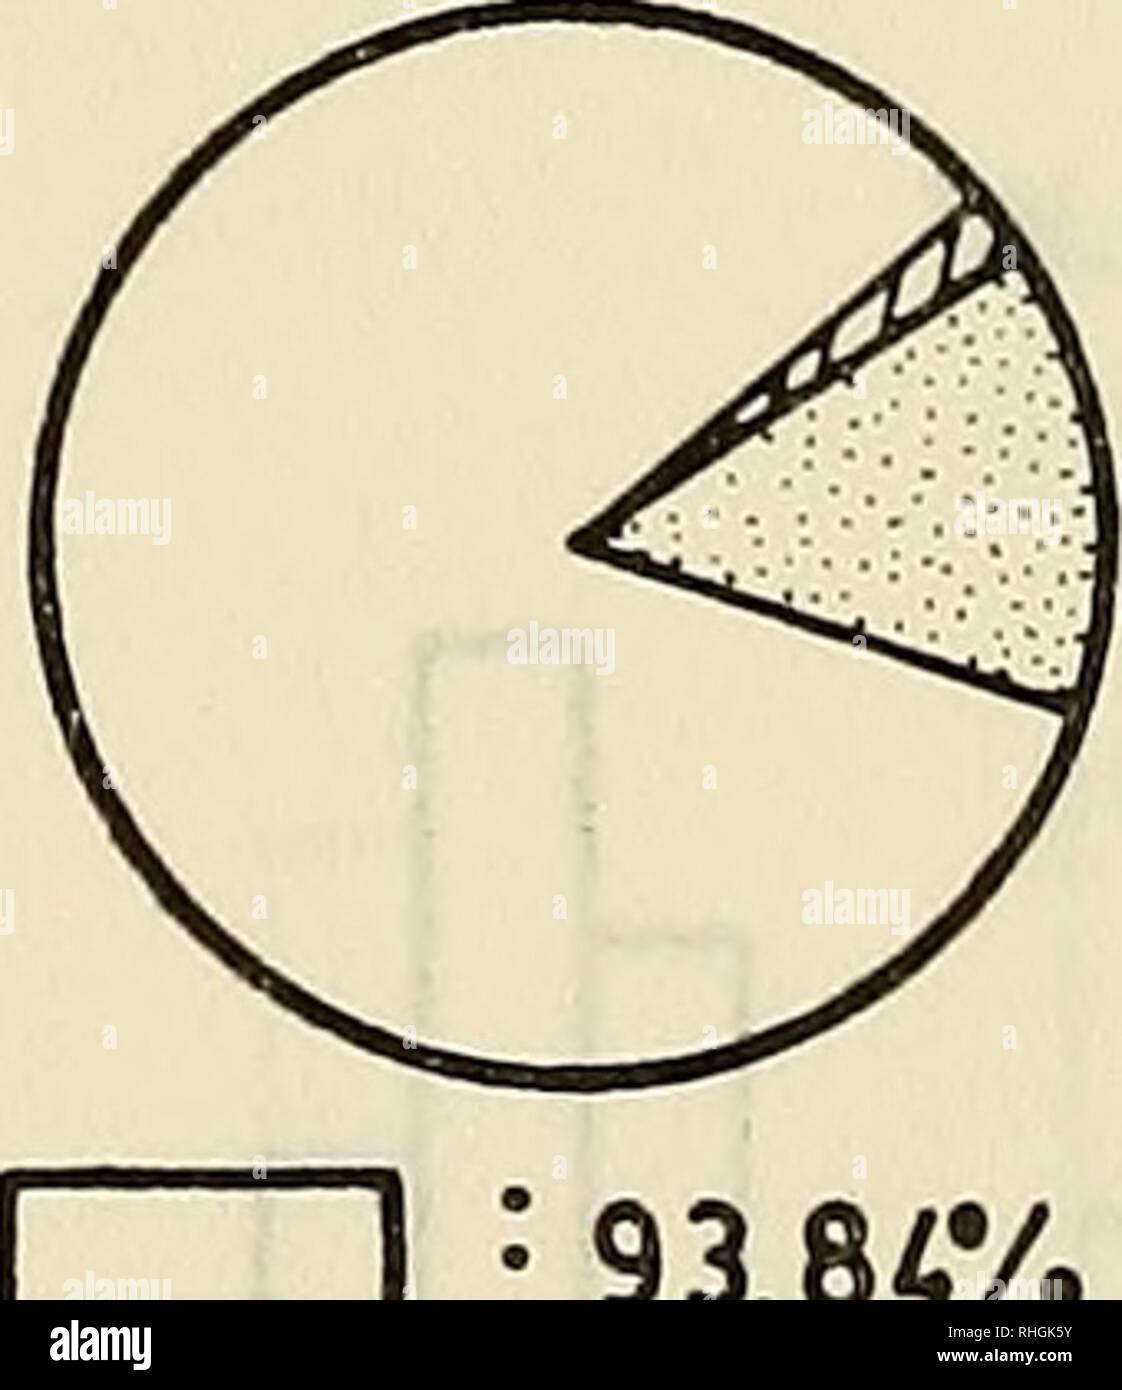 . Boletin de la Sociedad de Biología de Concepción. Sociedad de Biología de Concepción; Biología; y la biología. OTOÑO INVIERNO 78,92% 21,05%. PRIMAVERA , ' 93,84% 0,34% DIATOMEAS ^ : 5,90% r>?^ : 5,80% ZOOPLANCTON r////////////l 3 DINOFLAGELADOS RUIDO Figura 3.- Frecuencia porcentual de los principales grupos de presas, por grupos de tallas y estaciones^. Por favor tenga en cuenta que estas imágenes son extraídas de la página escaneada imágenes que podrían haber sido mejoradas digitalmente para mejorar la legibilidad, la coloración y el aspecto de estas ilustraciones pueden no parecerse perfectamente a la obra original. Sociedad de Biología de Foto de stock